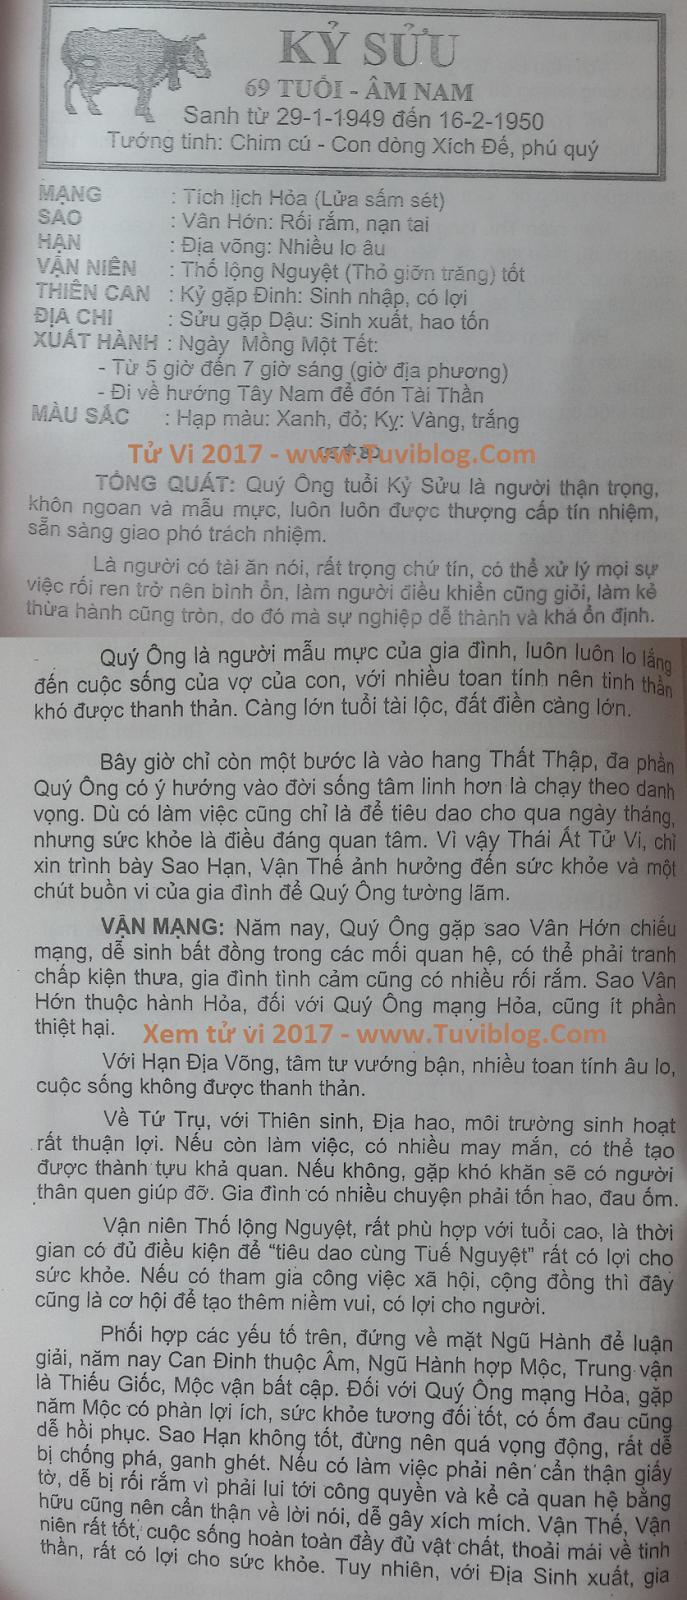 Tu vi 2017 Ky Suu 1949